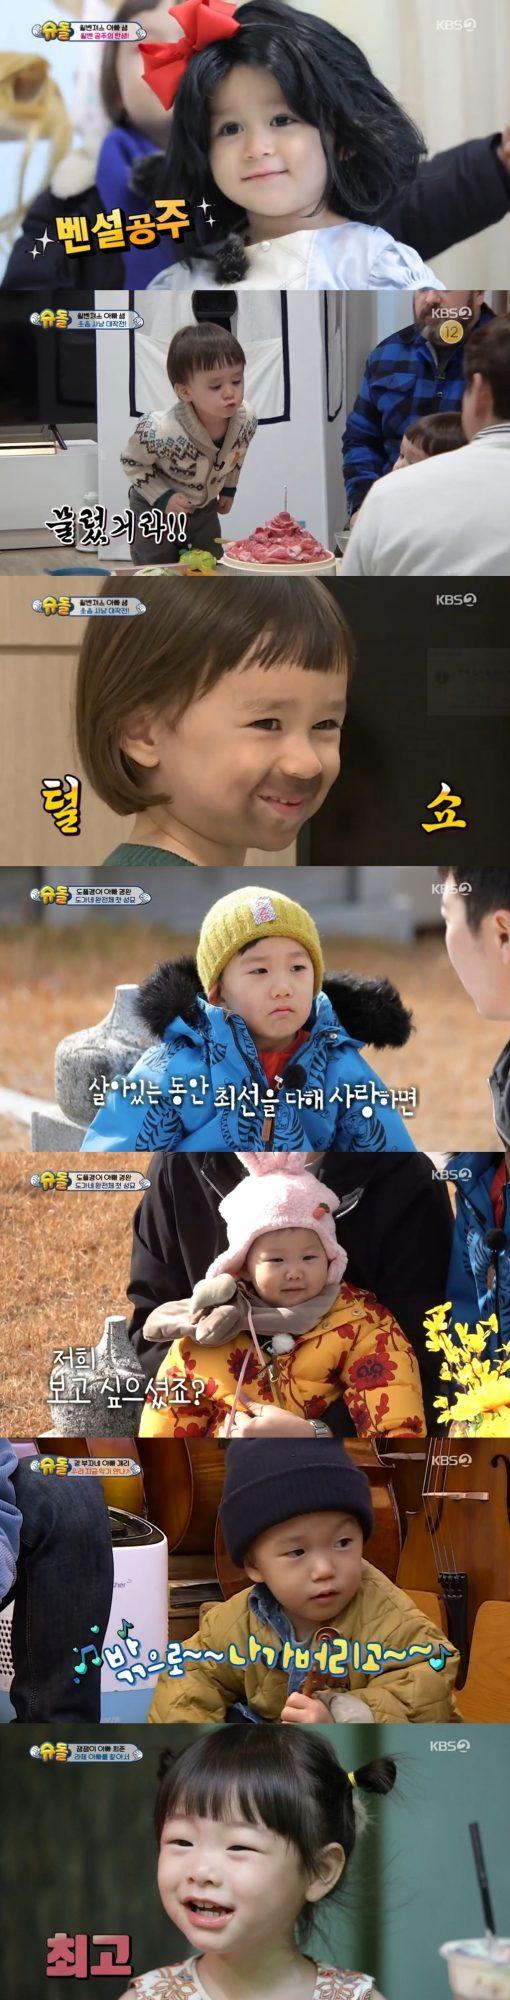 '슈퍼맨이 돌아왔다' 윌벤져스, 한석준, 사빈 / 사진=KBS2 방송화면